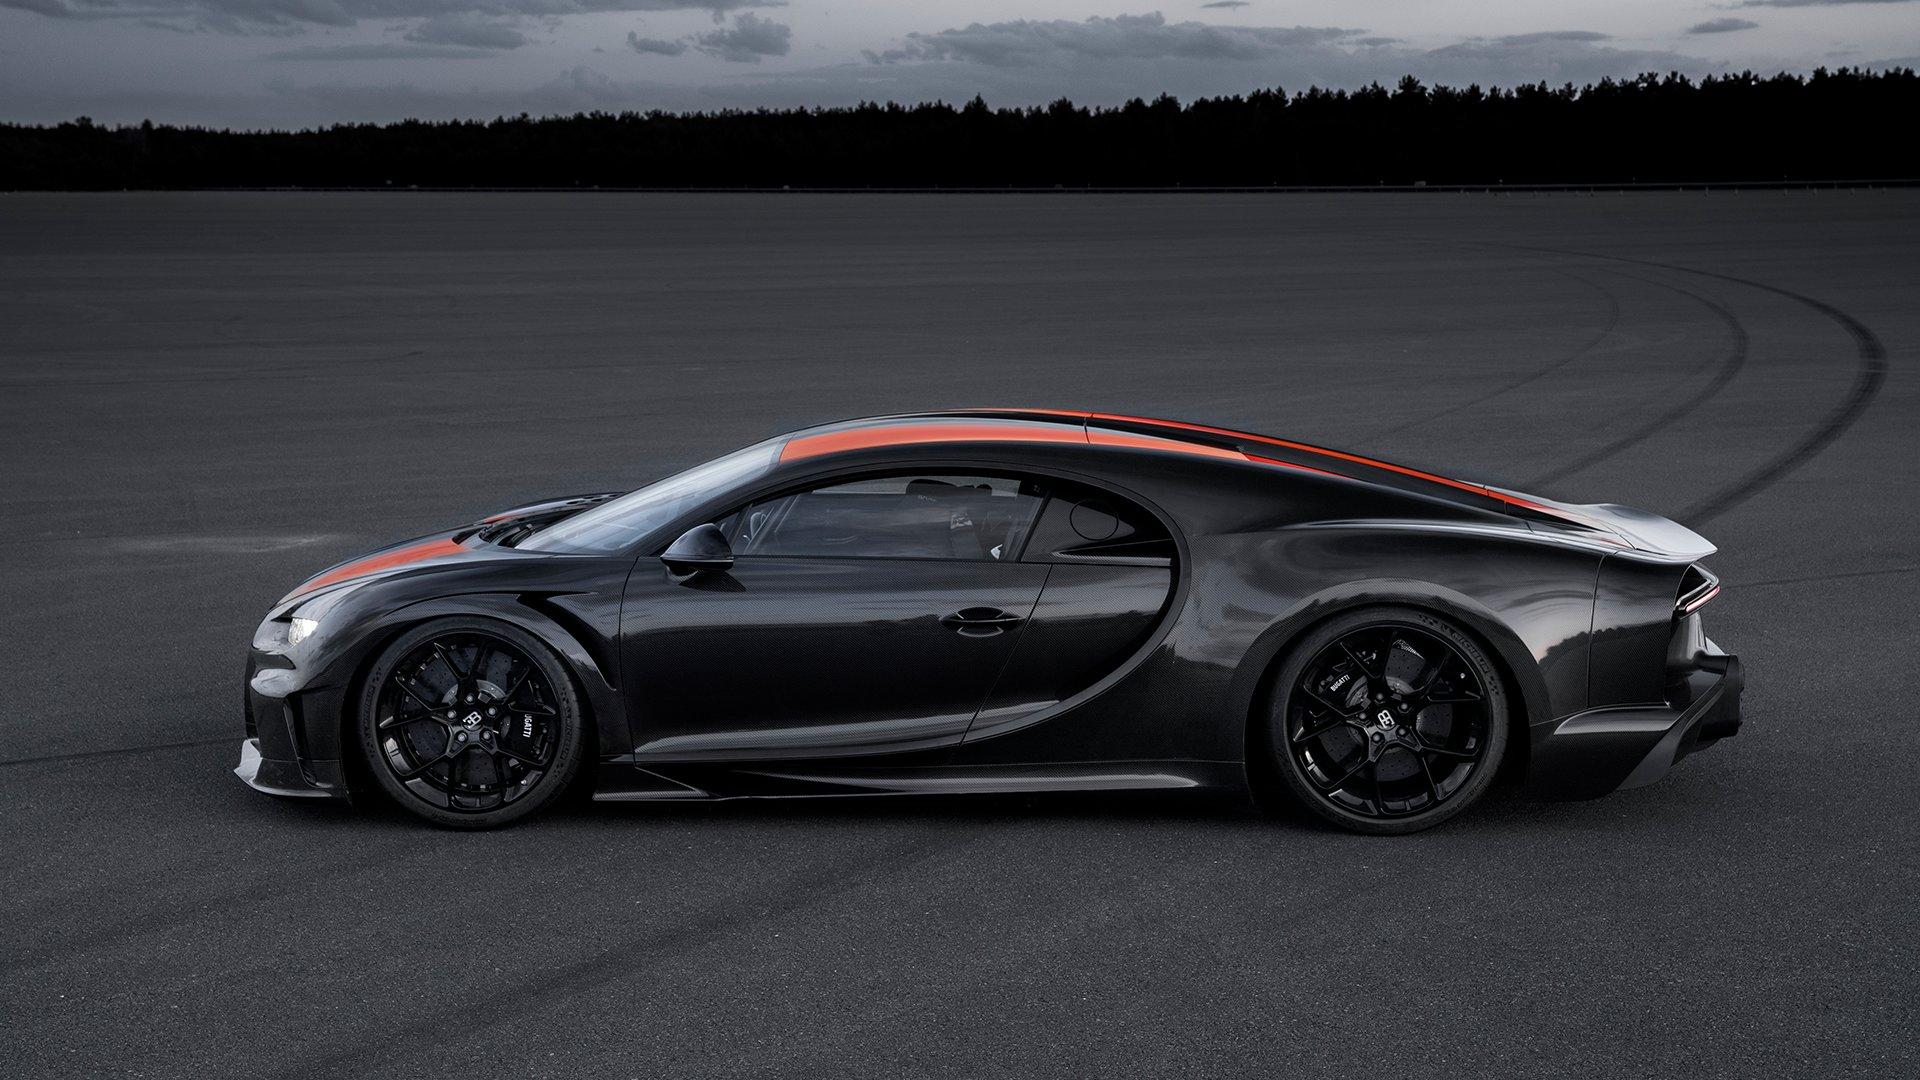 Bugatti Chiron breaks 300mph